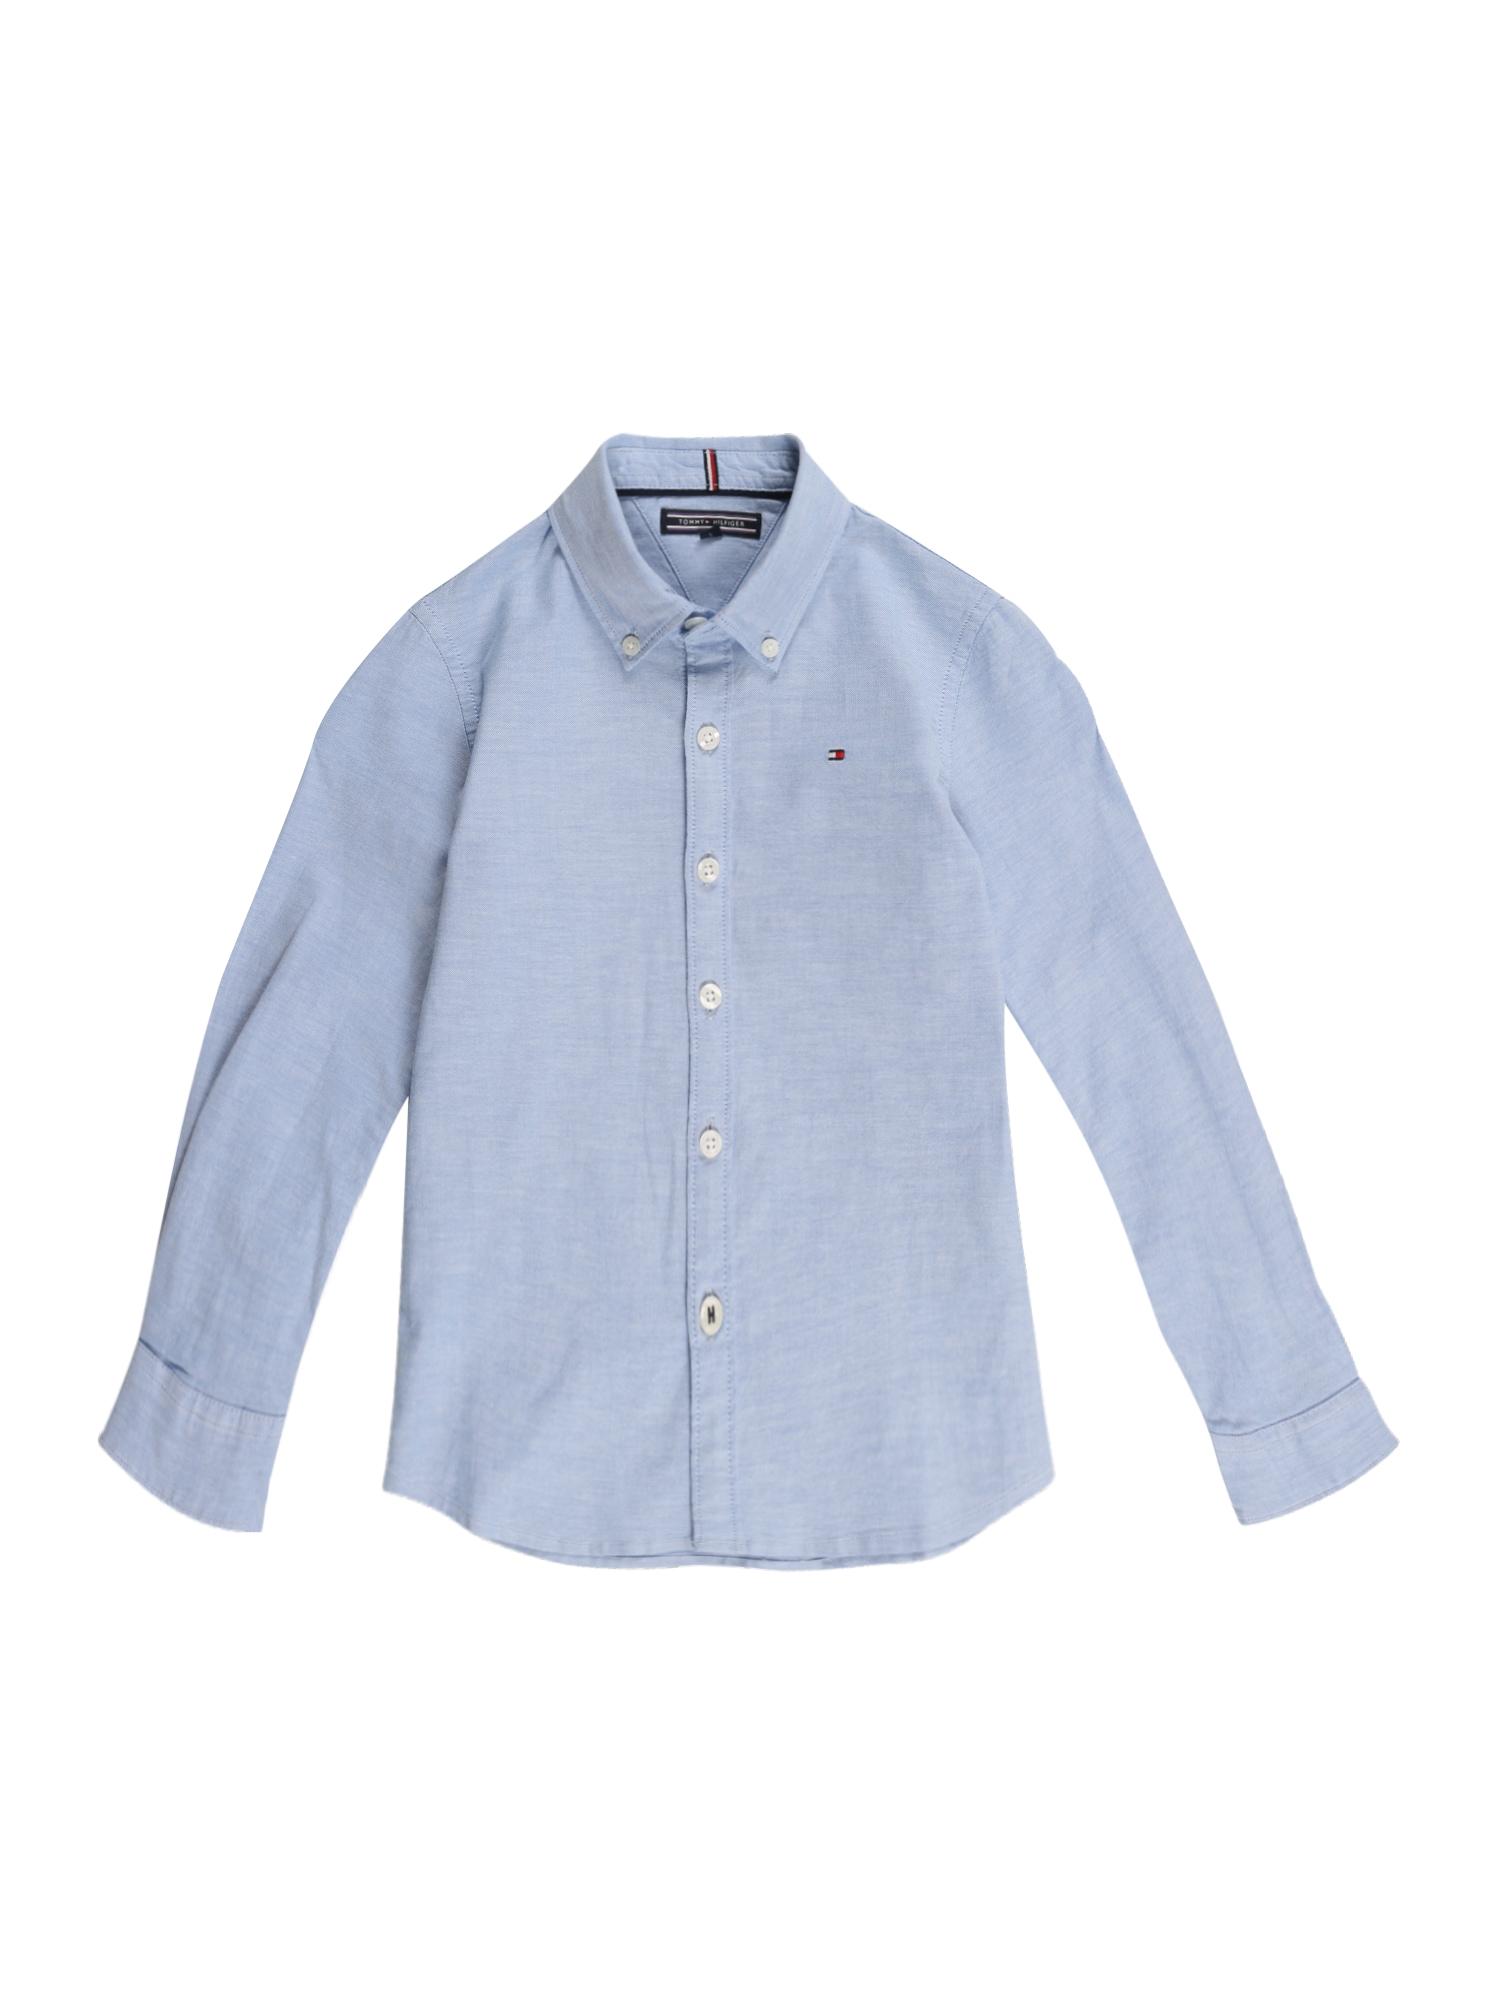 TOMMY HILFIGER Dalykiniai marškiniai šviesiai mėlyna